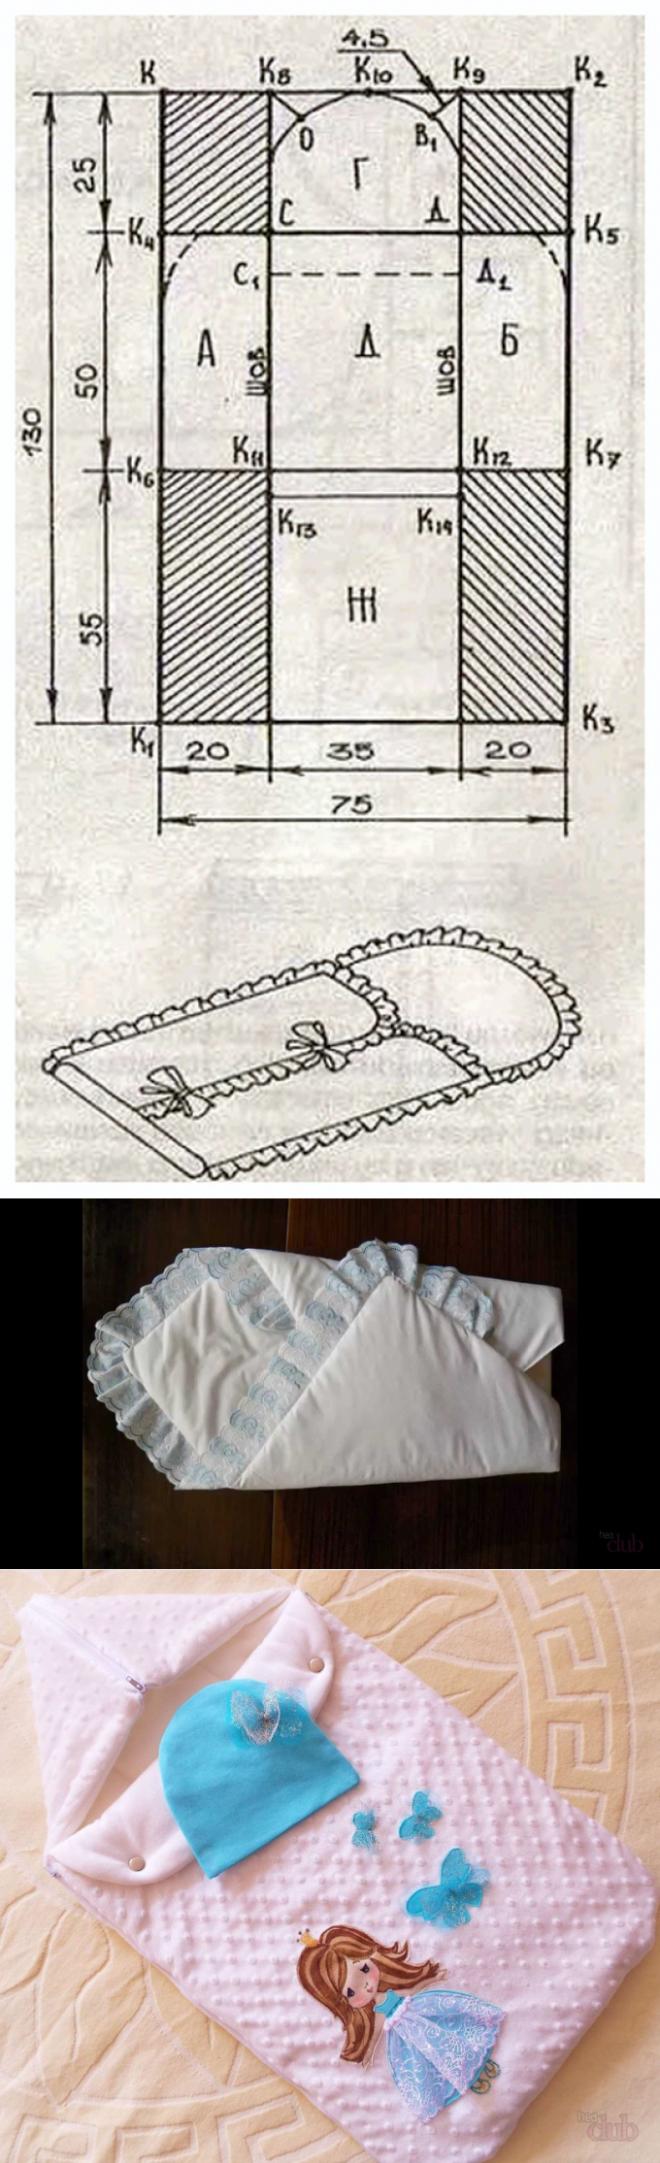 Конверт на выписку своими руками: пошаговые инструкции